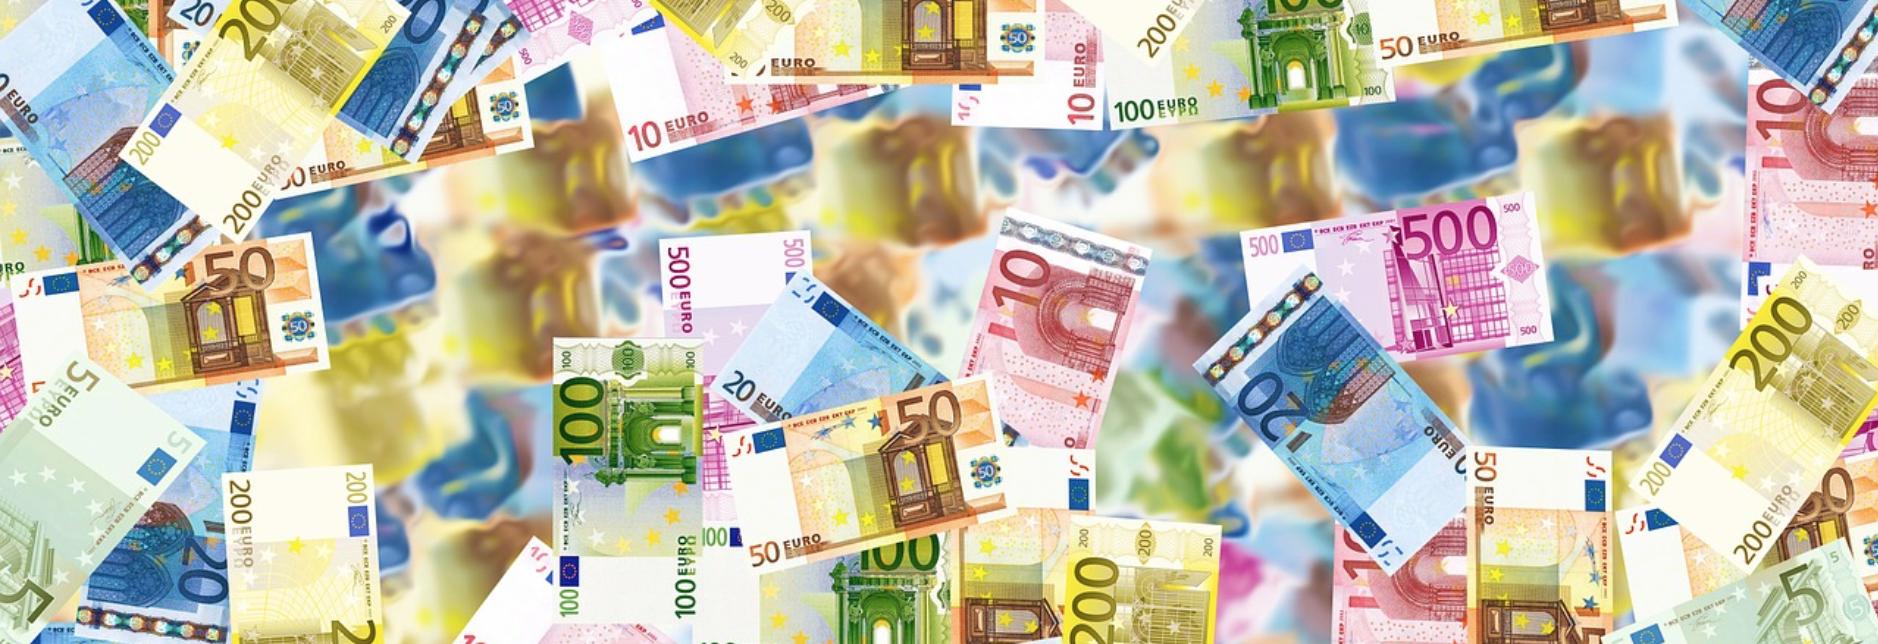 pénz euro euró forint, gazdagpénz euro euró forint, gazdag